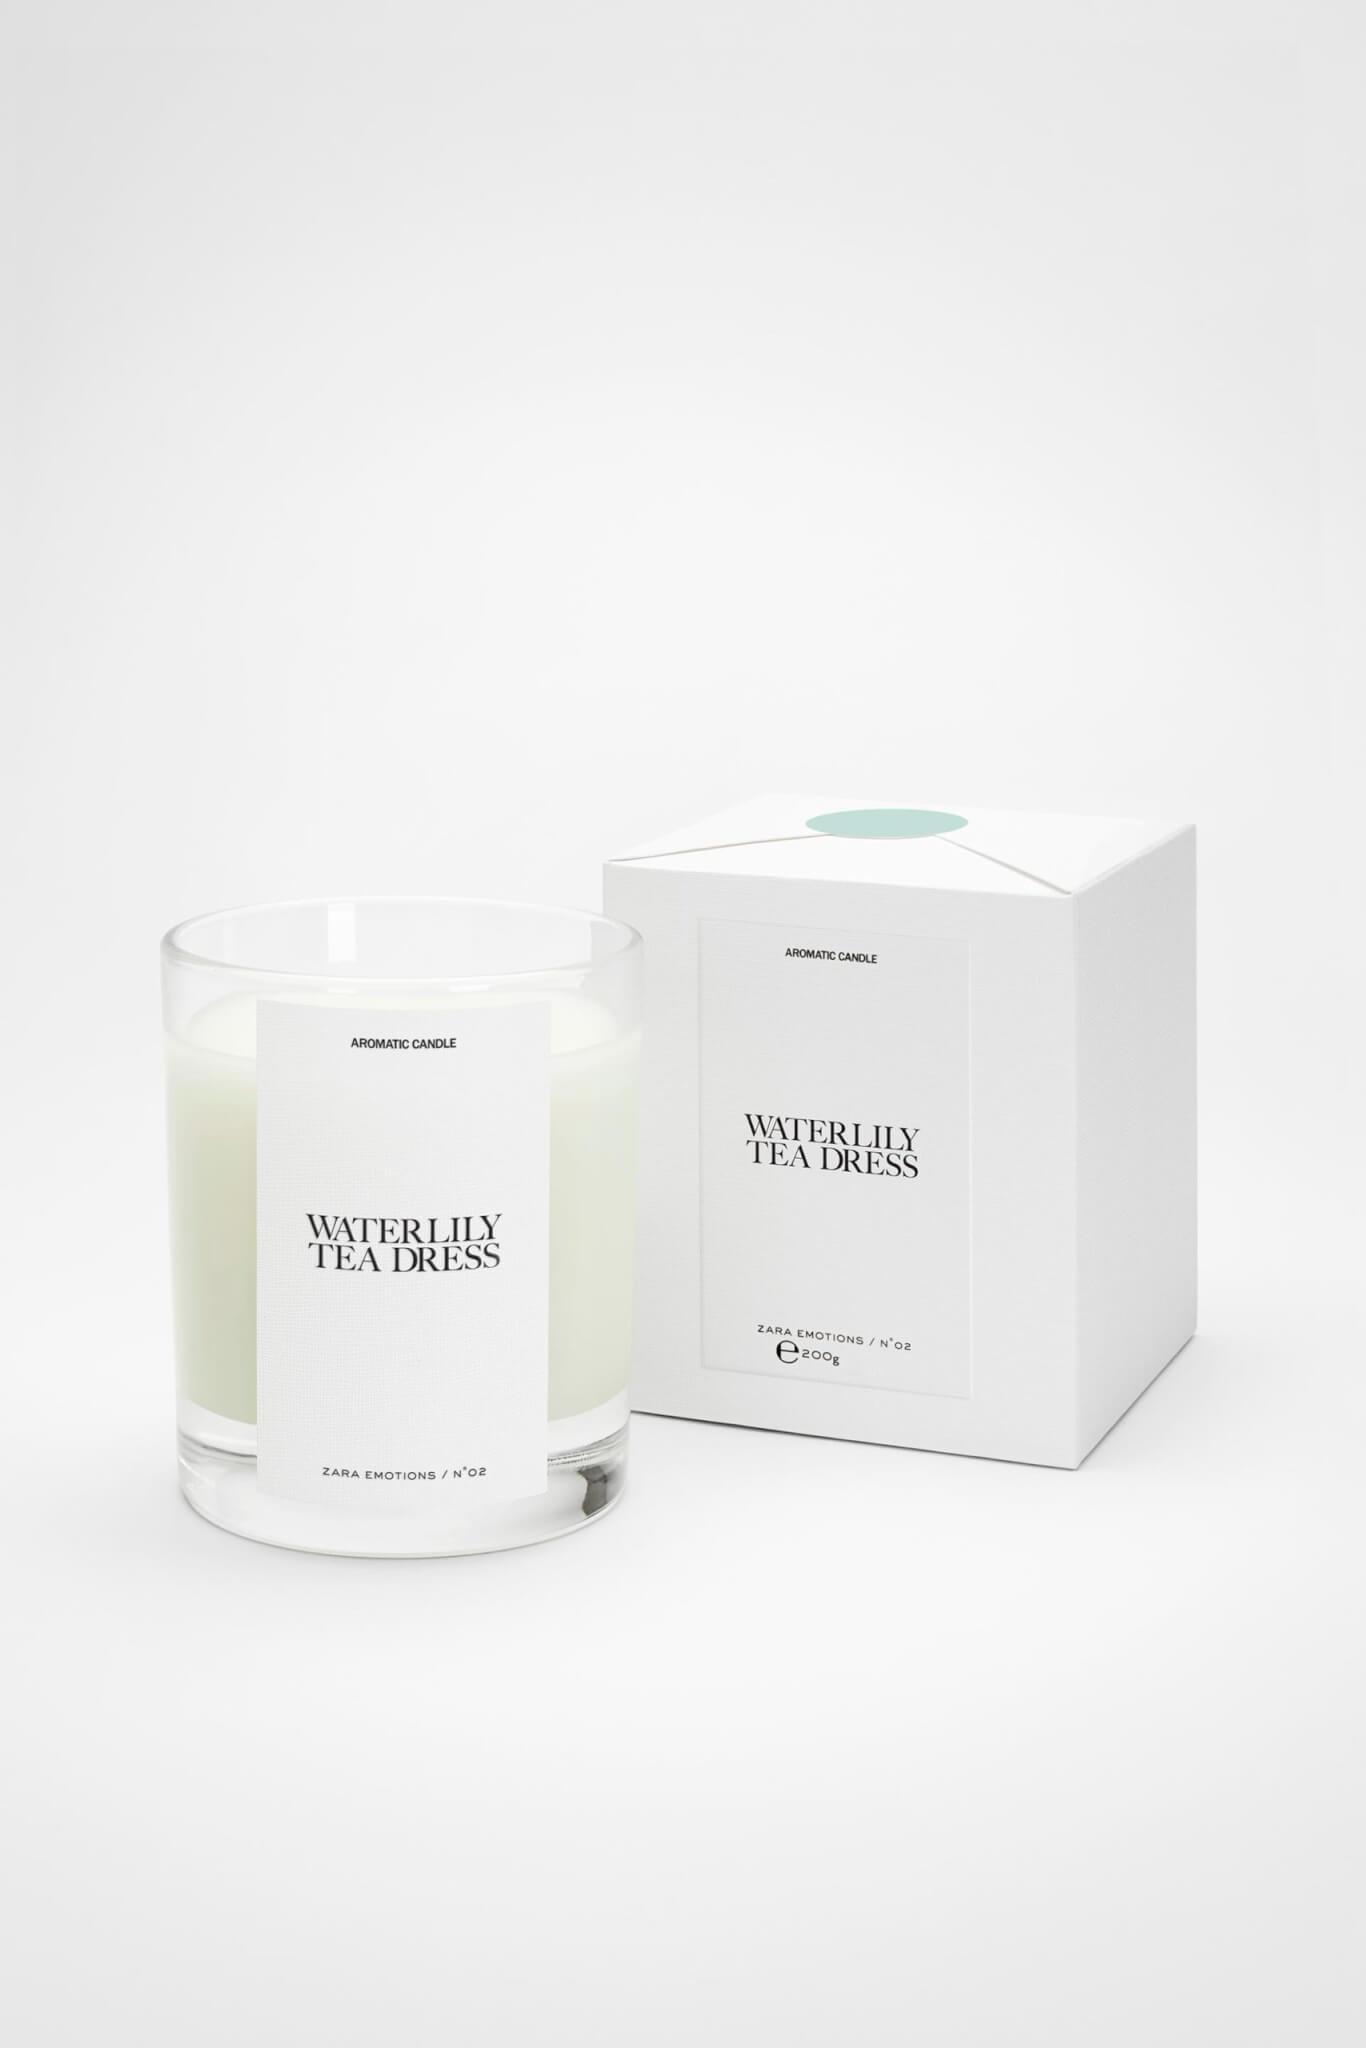 有着知性的味道、小清新的輕盈香氣,為所處空間帶來愜意的氛圍。